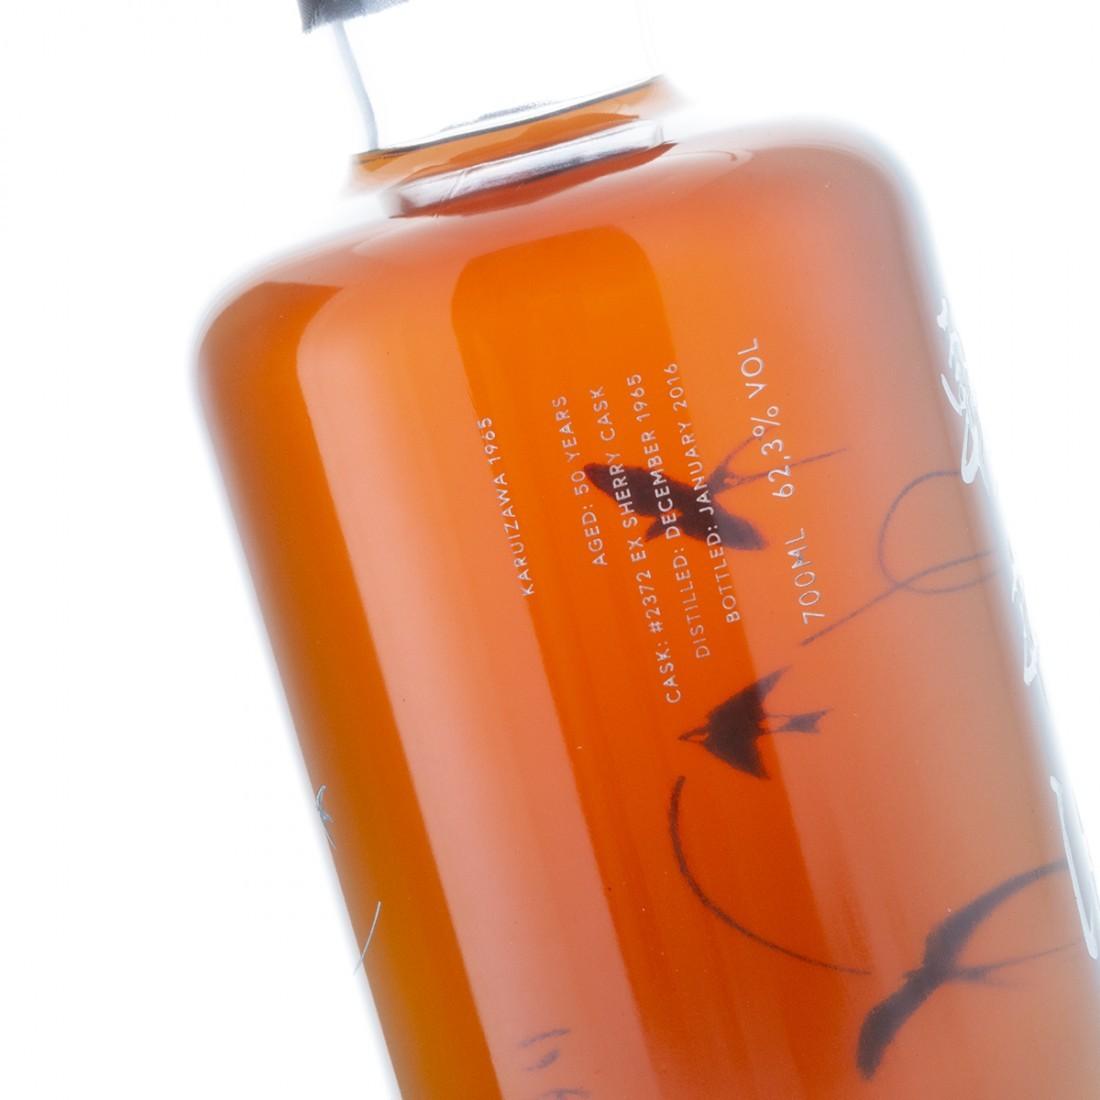 Karuizawa 1965 Wealth Solutions 50 Year Old #2372 / Haiku - One of 24 bottles